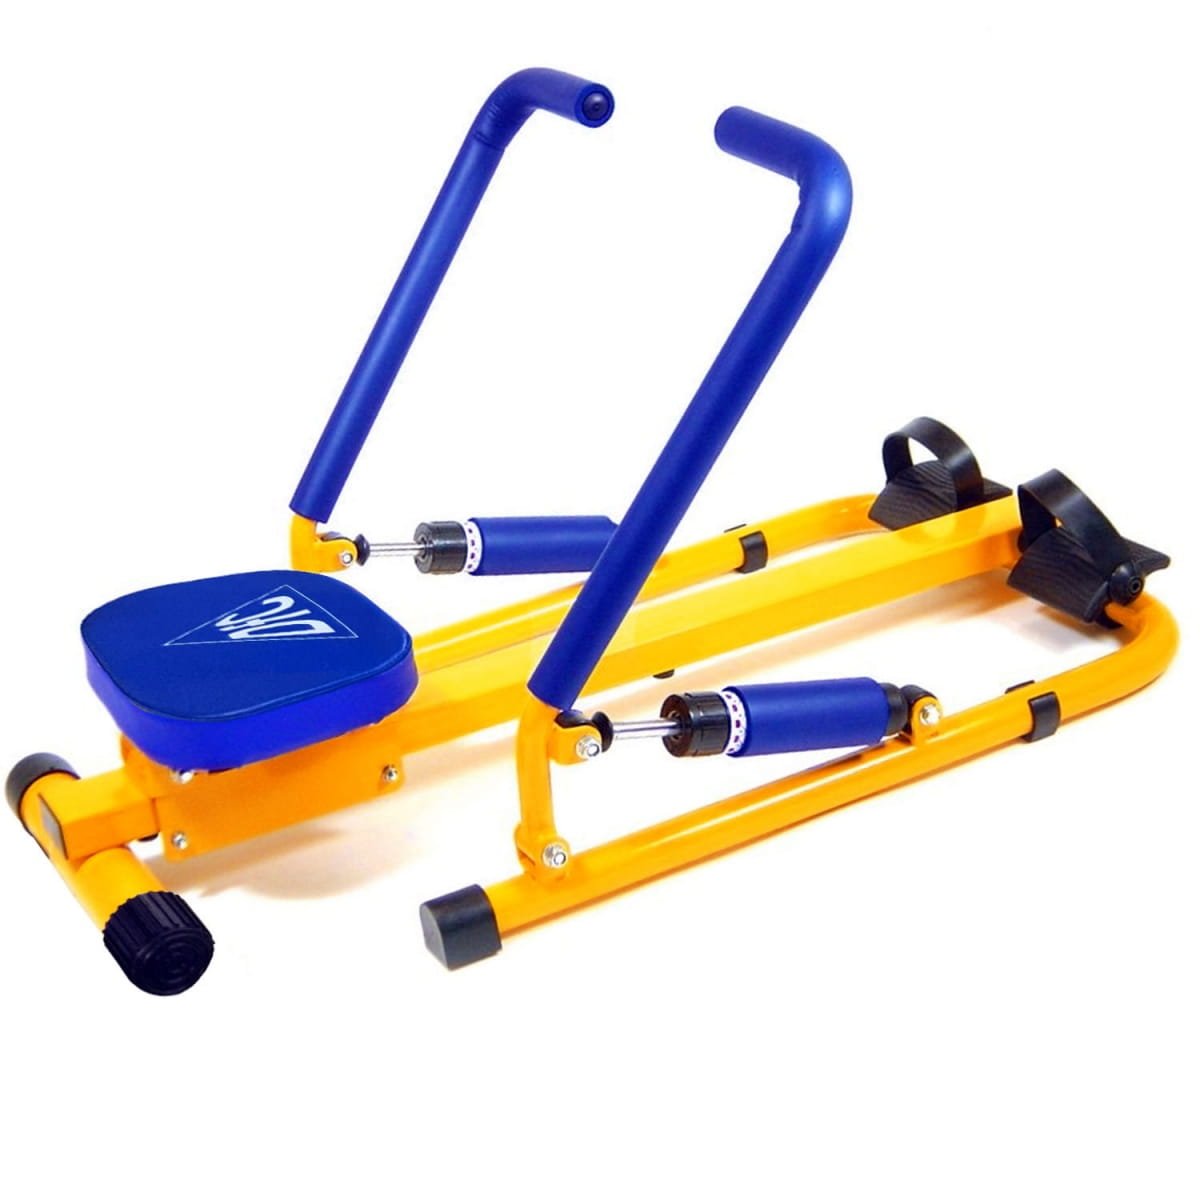 Детский тренажер DFC VT-2500 Гребной (с двумя ручками)